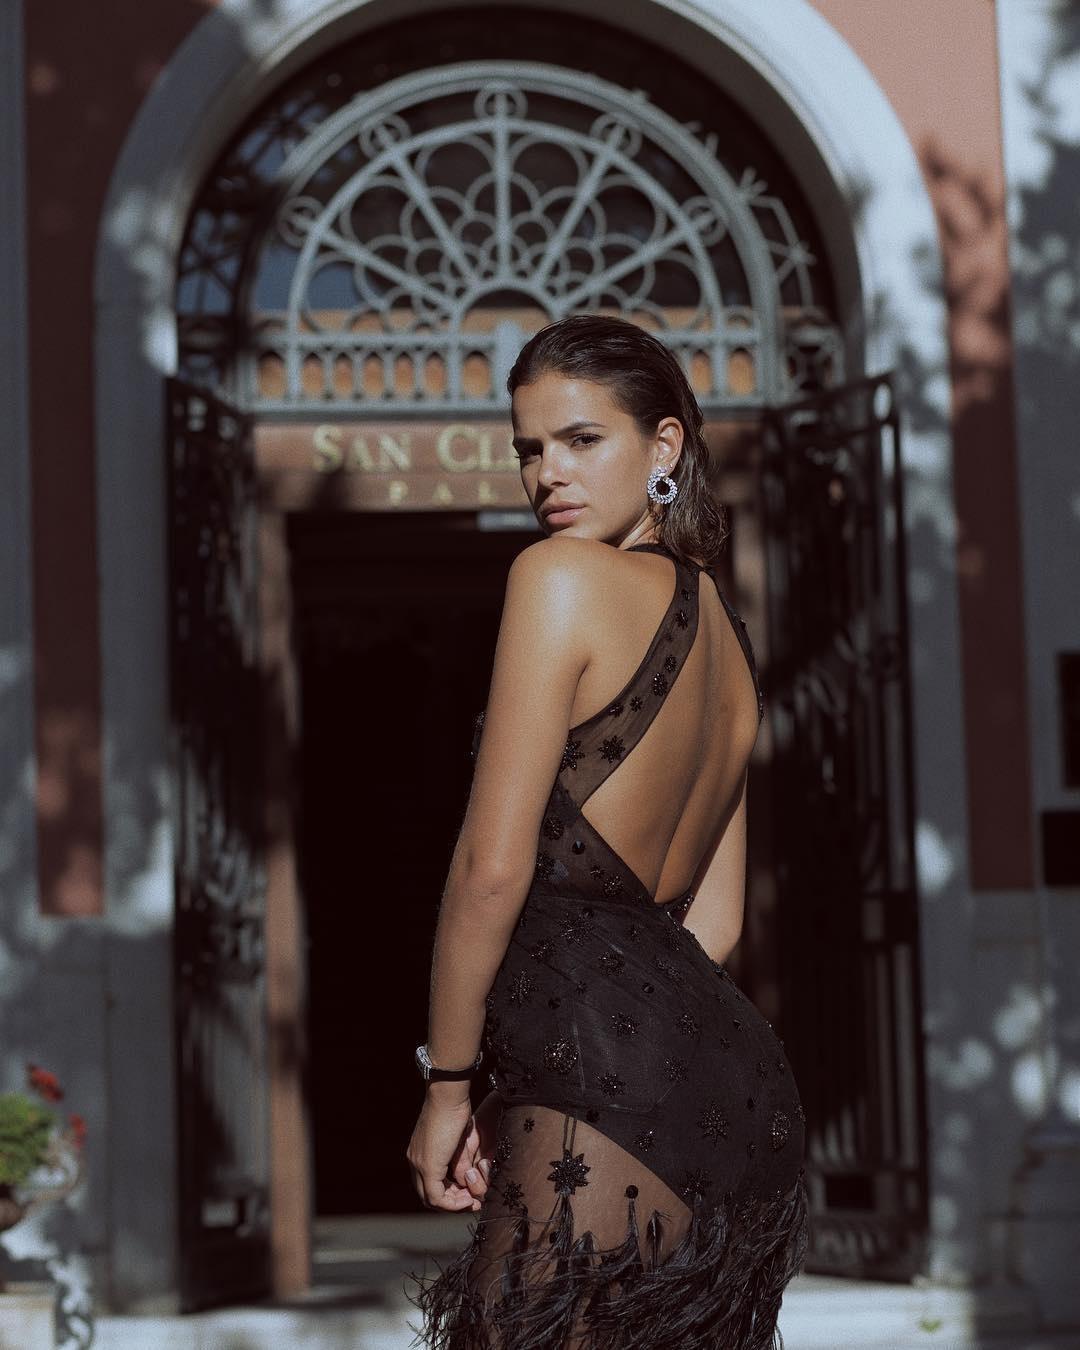 d1d6bd58863 Bruna Marquezine usa look milionário em presença VIP em Veneza - 04 09 2017  - UOL TV e Famosos